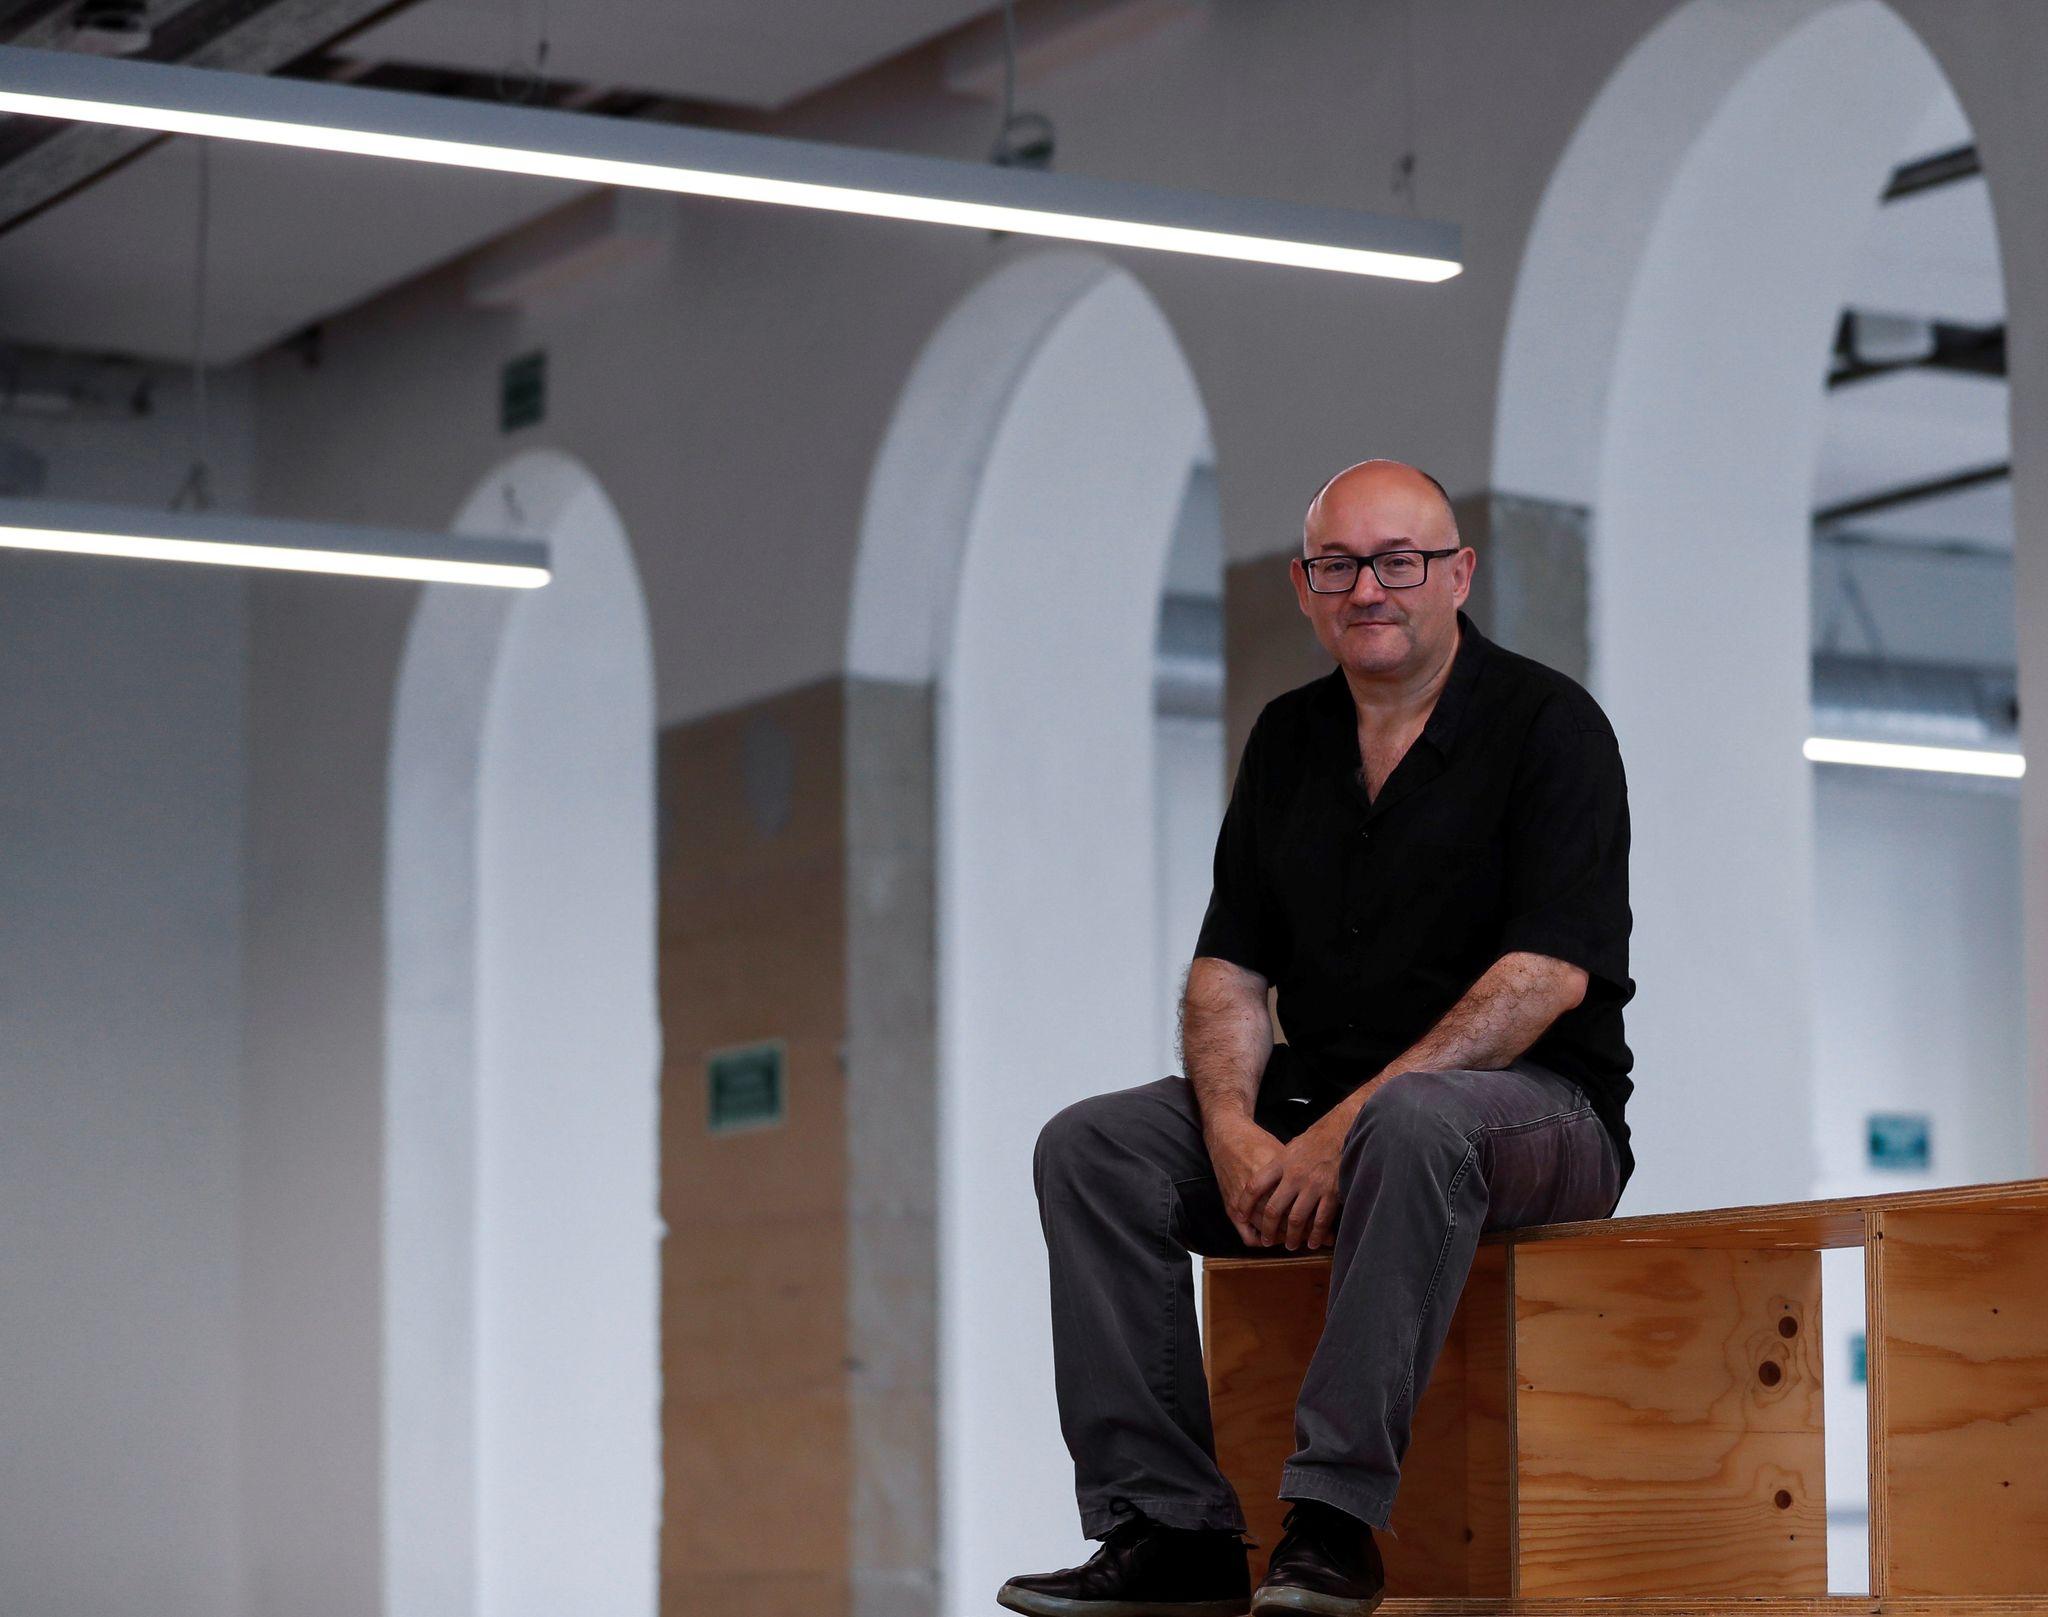 El director del Festival de Cine de San Sebastián José Luis Rebordinos.